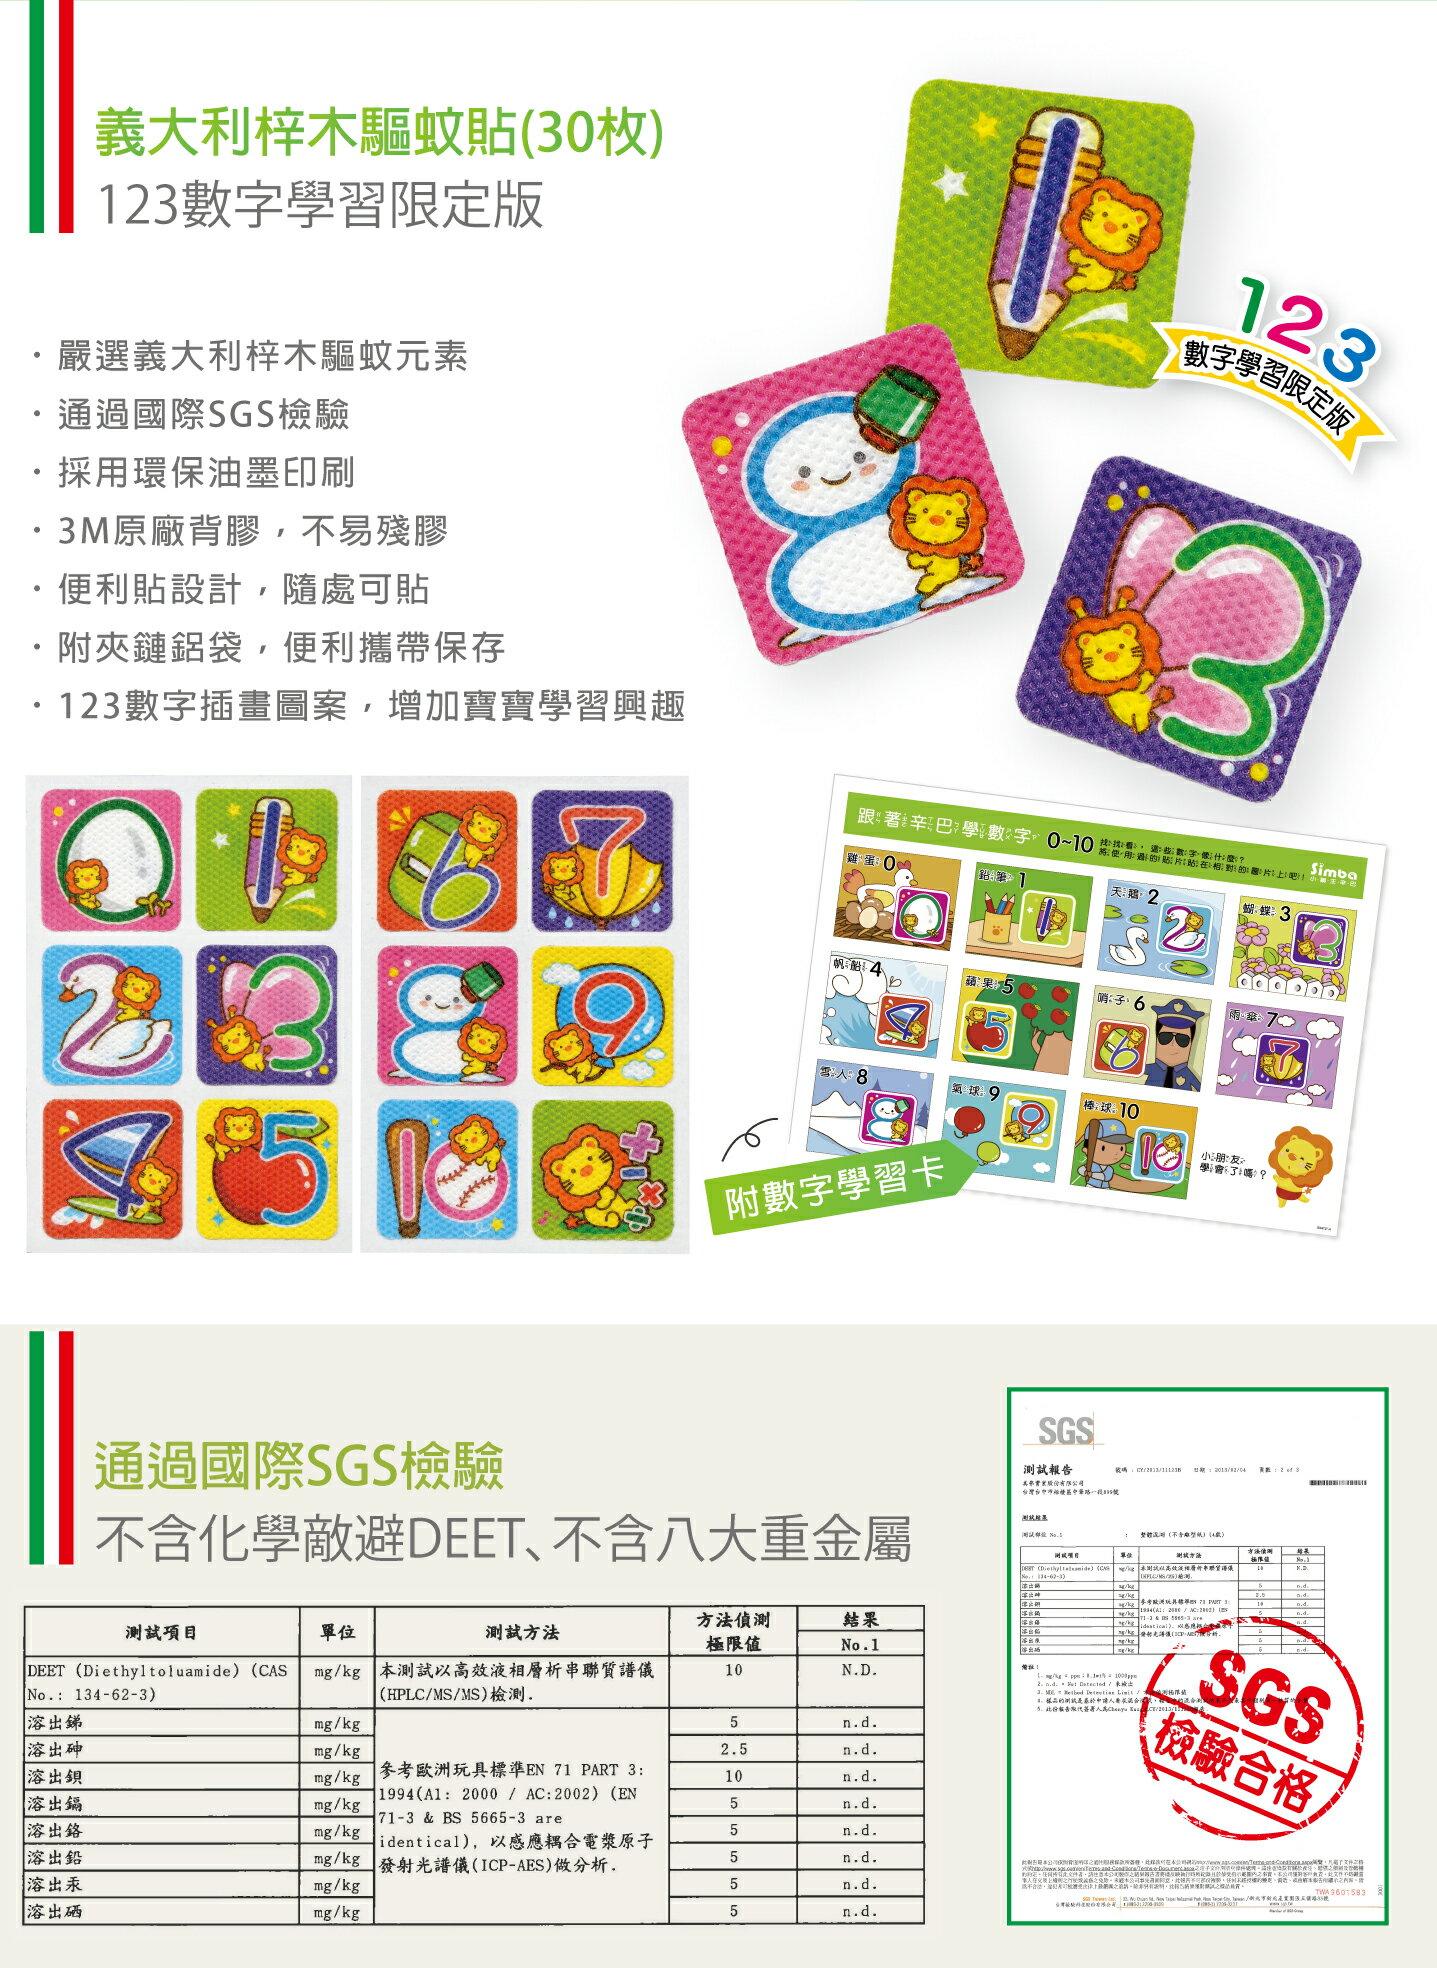 『121婦嬰用品館』辛巴 義大利梓木驅蚊貼(30枚)-123數字學習限定版 3